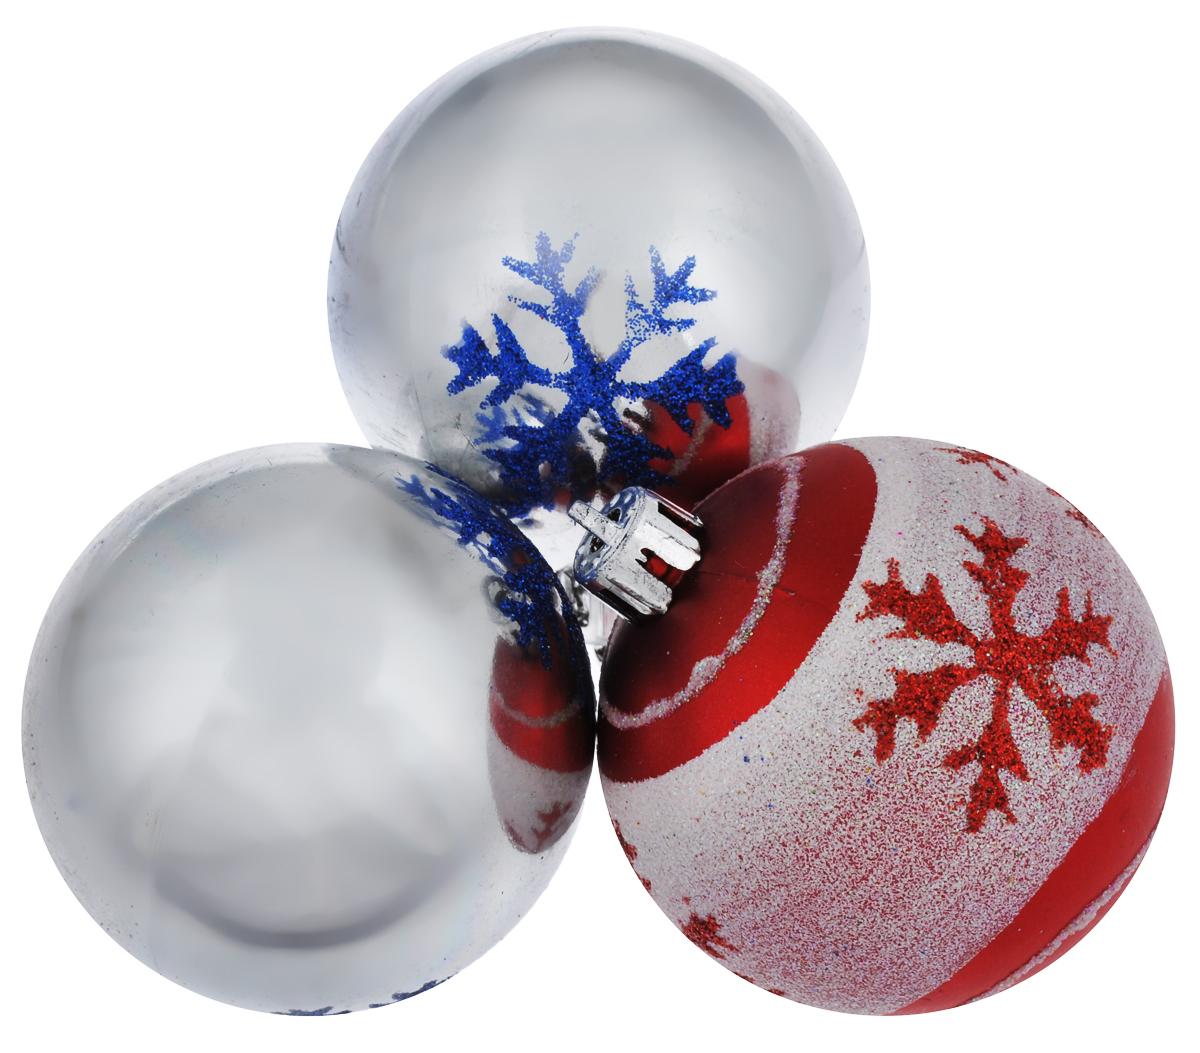 Набор новогодних подвесных украшений EuroHouse, цвет: серебристый, красный, 6 см, 3 шт. ЕХ9268ЕХ9268_2 серебристый/1 красный, белыйНабор новогодних подвесных украшений EuroHouse прекрасно подойдет для праздничного декора новогодней ели. Набор состоит из 2 пластиковых украшений в виде глянцевых шаров и 1 матового с белой блестящей полоской. Для удобного размещения на елке для каждого изделия предусмотрена текстильная петелька. Елочная игрушка - символ Нового года. Она несет в себе волшебство и красоту праздника. Создайте в своем доме атмосферу веселья и радости, украшая новогоднюю елку нарядными игрушками, которые будут из года в год накапливать теплоту воспоминаний.